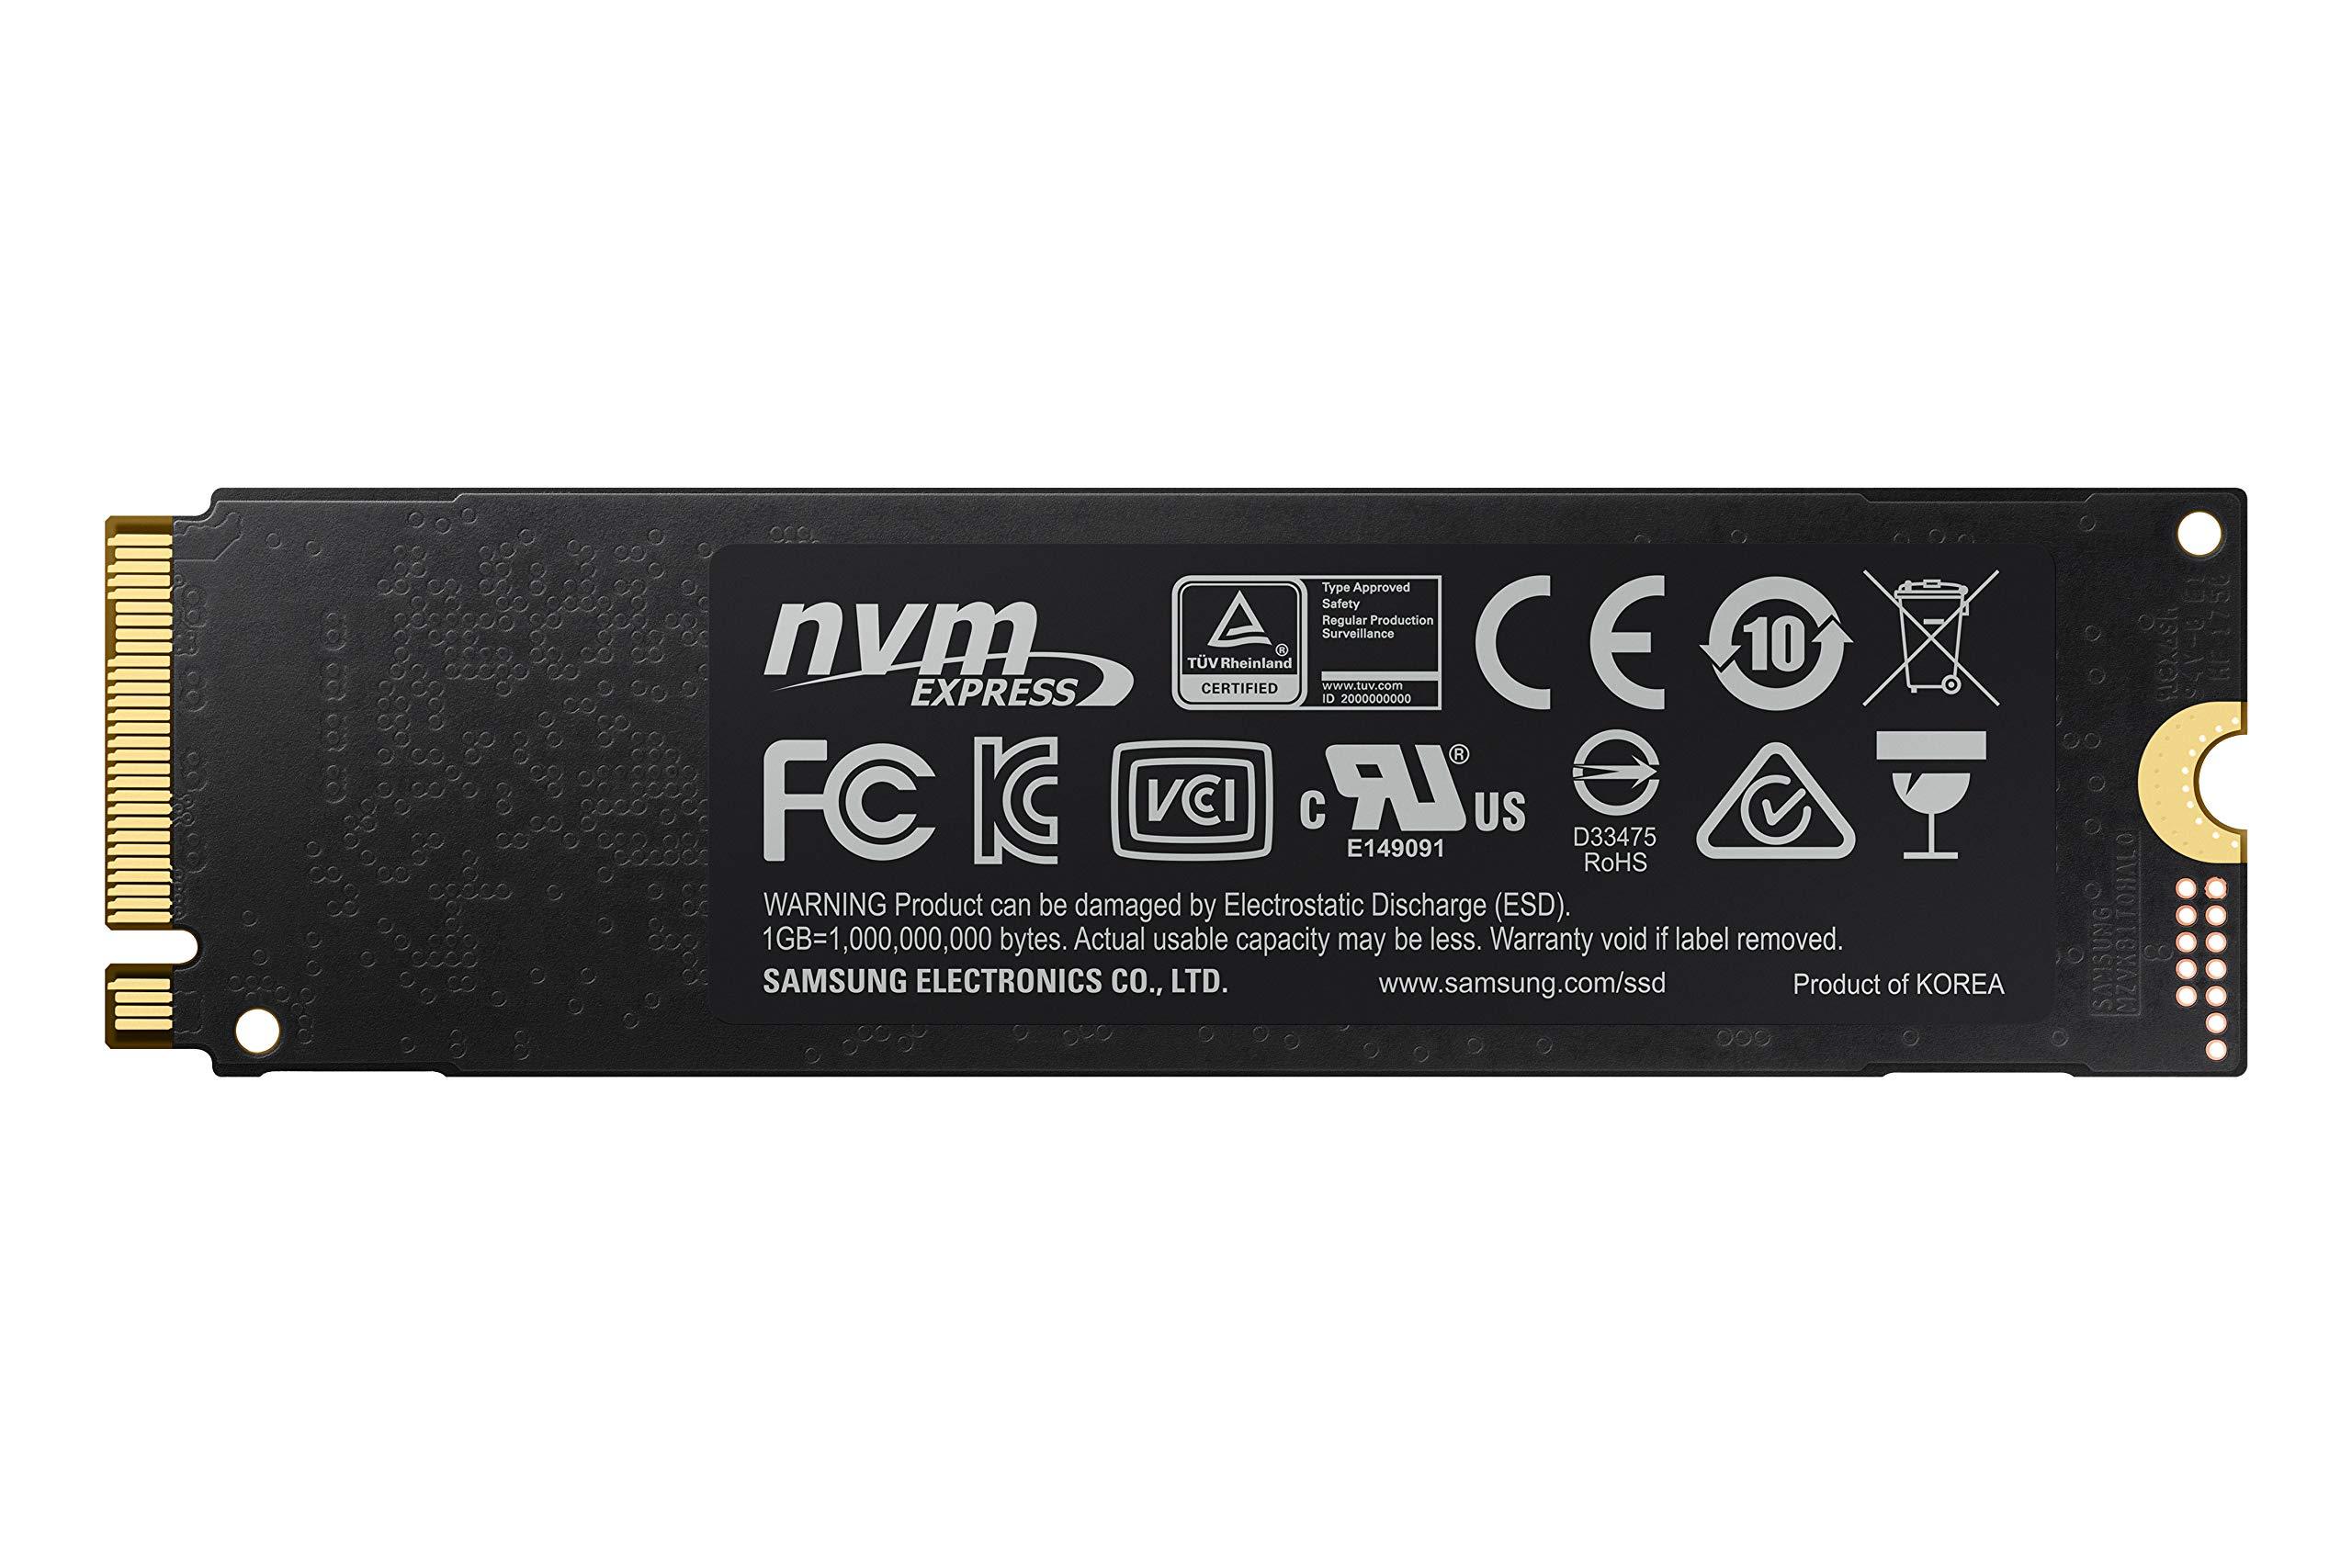 Samsung 970 EVO Plus Series - 1TB PCIe NVMe - M.2 Internal SSD (MZ-V7S1T0B/AM) by Samsung (Image #11)